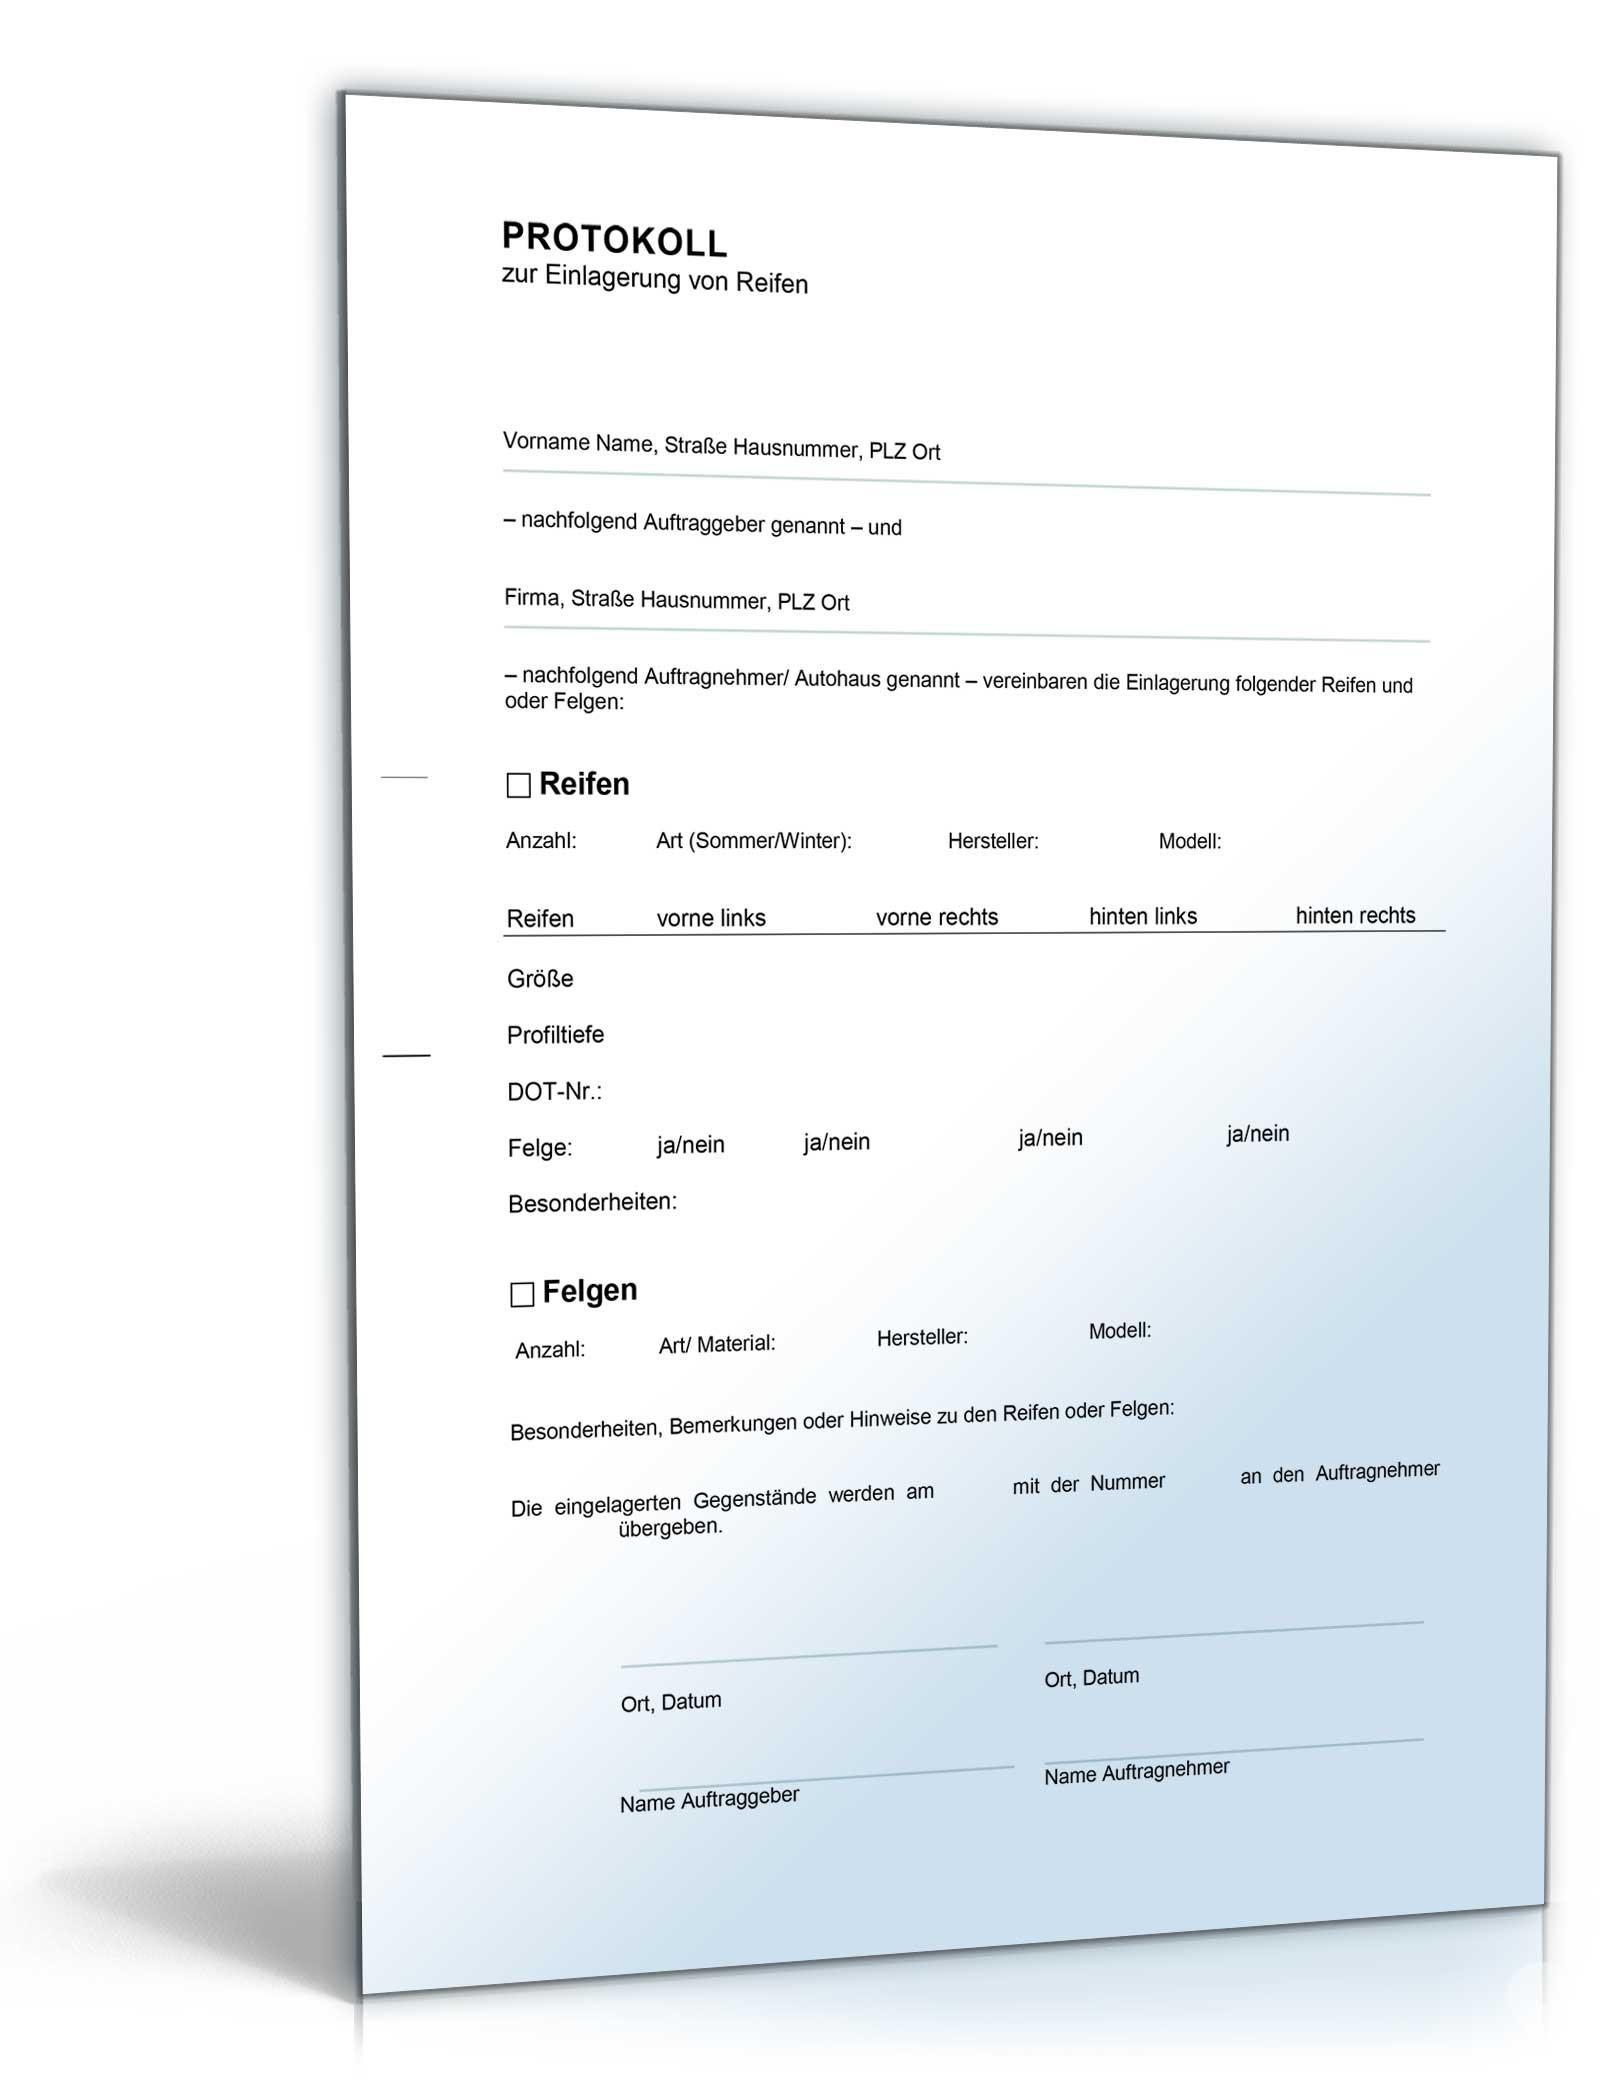 protokoll zur einlagerung von reifen doc - Protokoll Muster